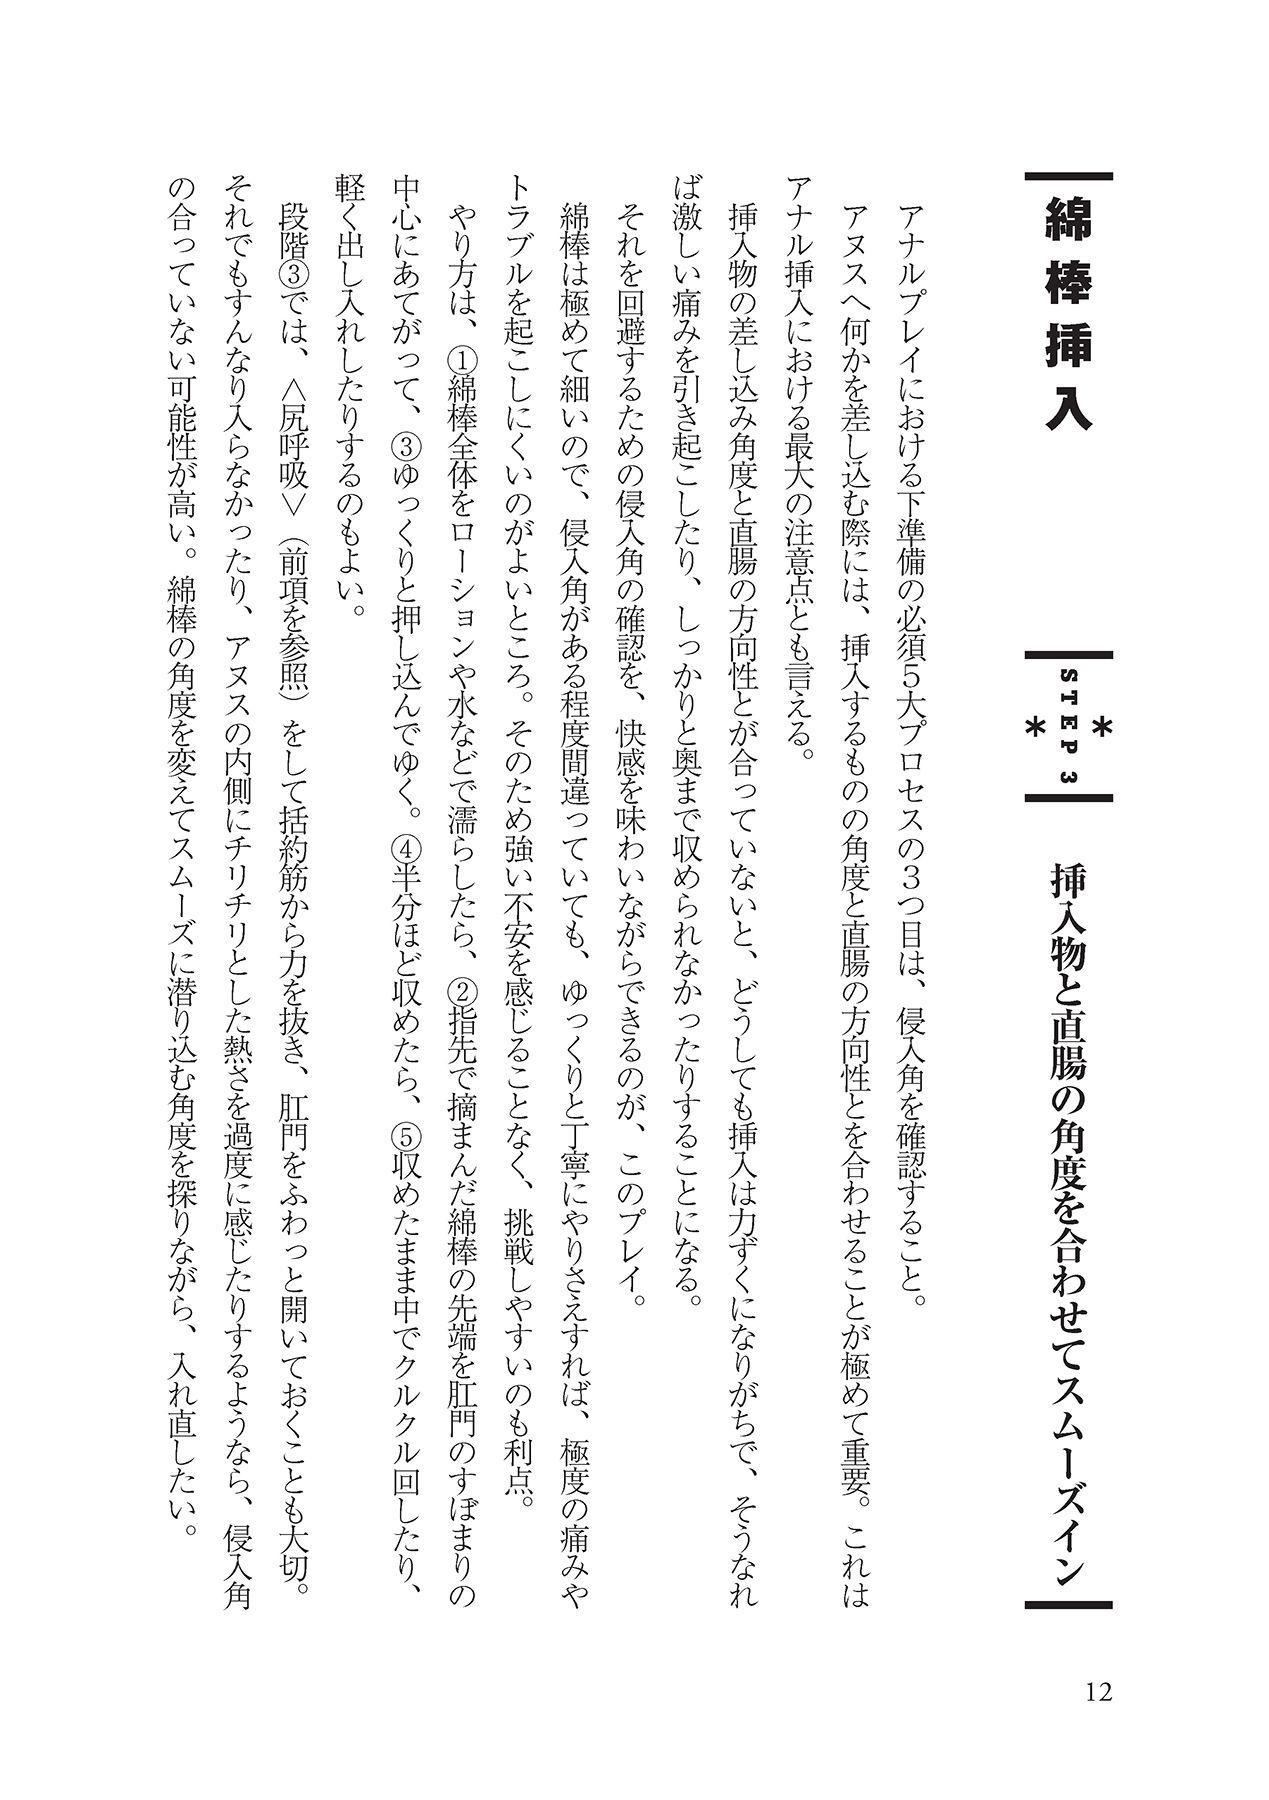 アナル性感開発・お尻エッチ 完全マニュアル 13